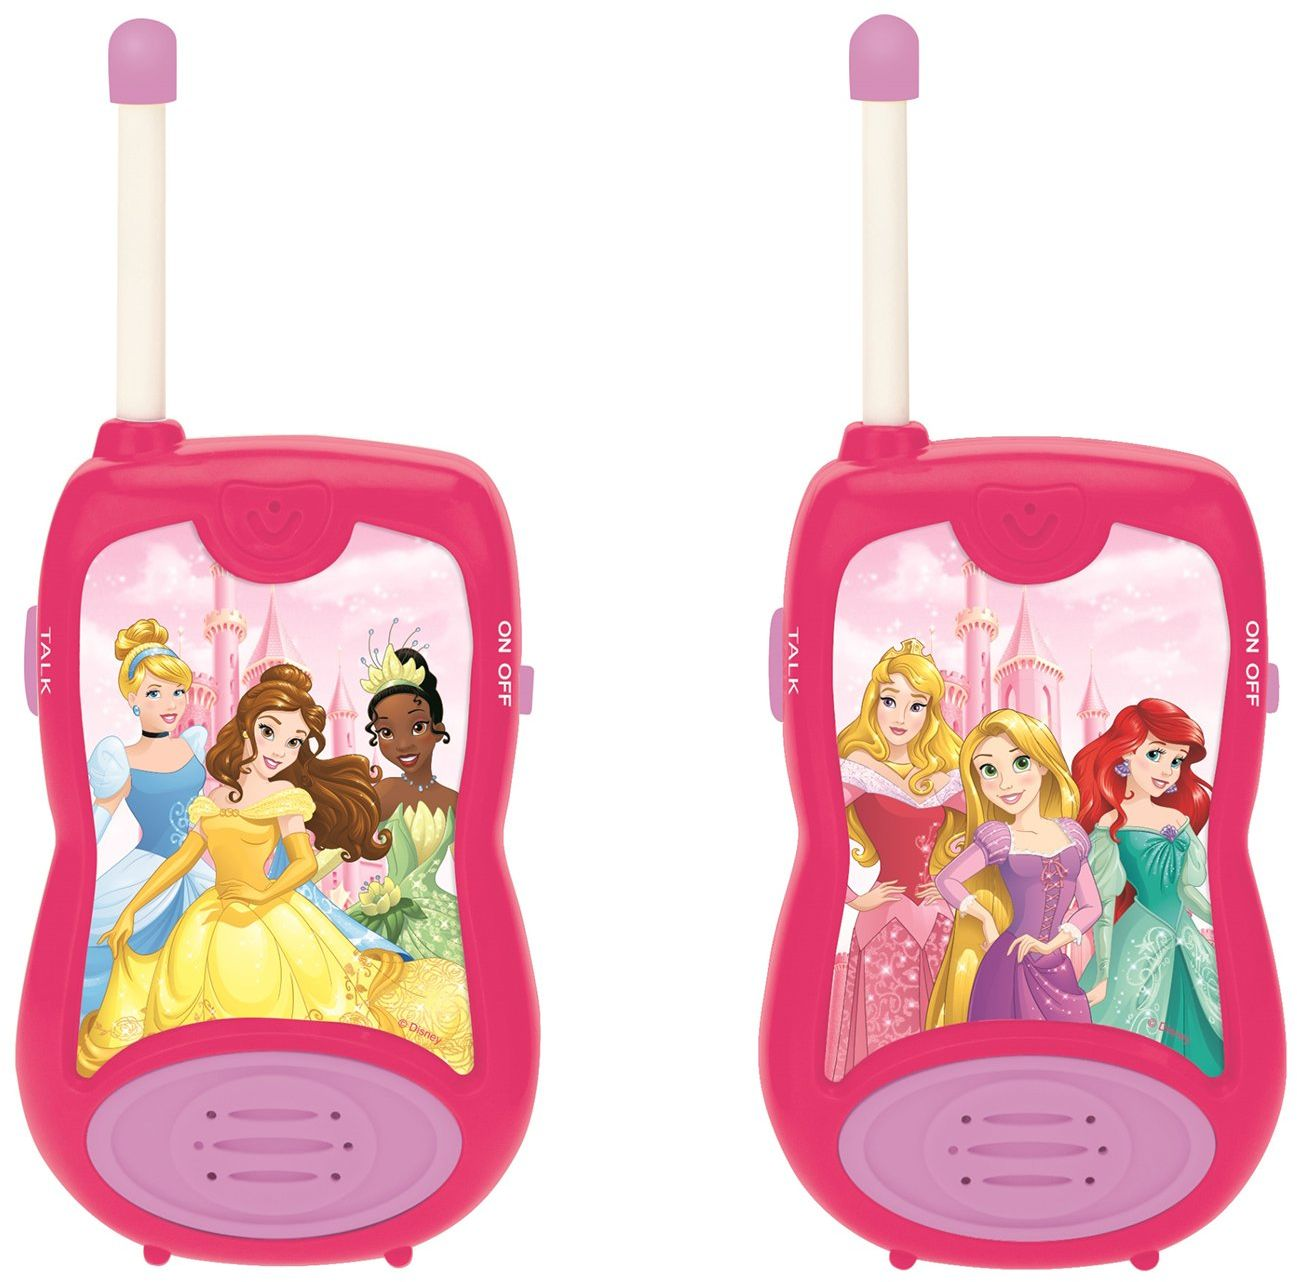 Lexibook TW12DP Disney Princesses Kopciuszek Roszpunka Walkie-talkies, gra komunikacyjna zabawka dla dzieci dziewczynka, klips do paska, bateria, różowy